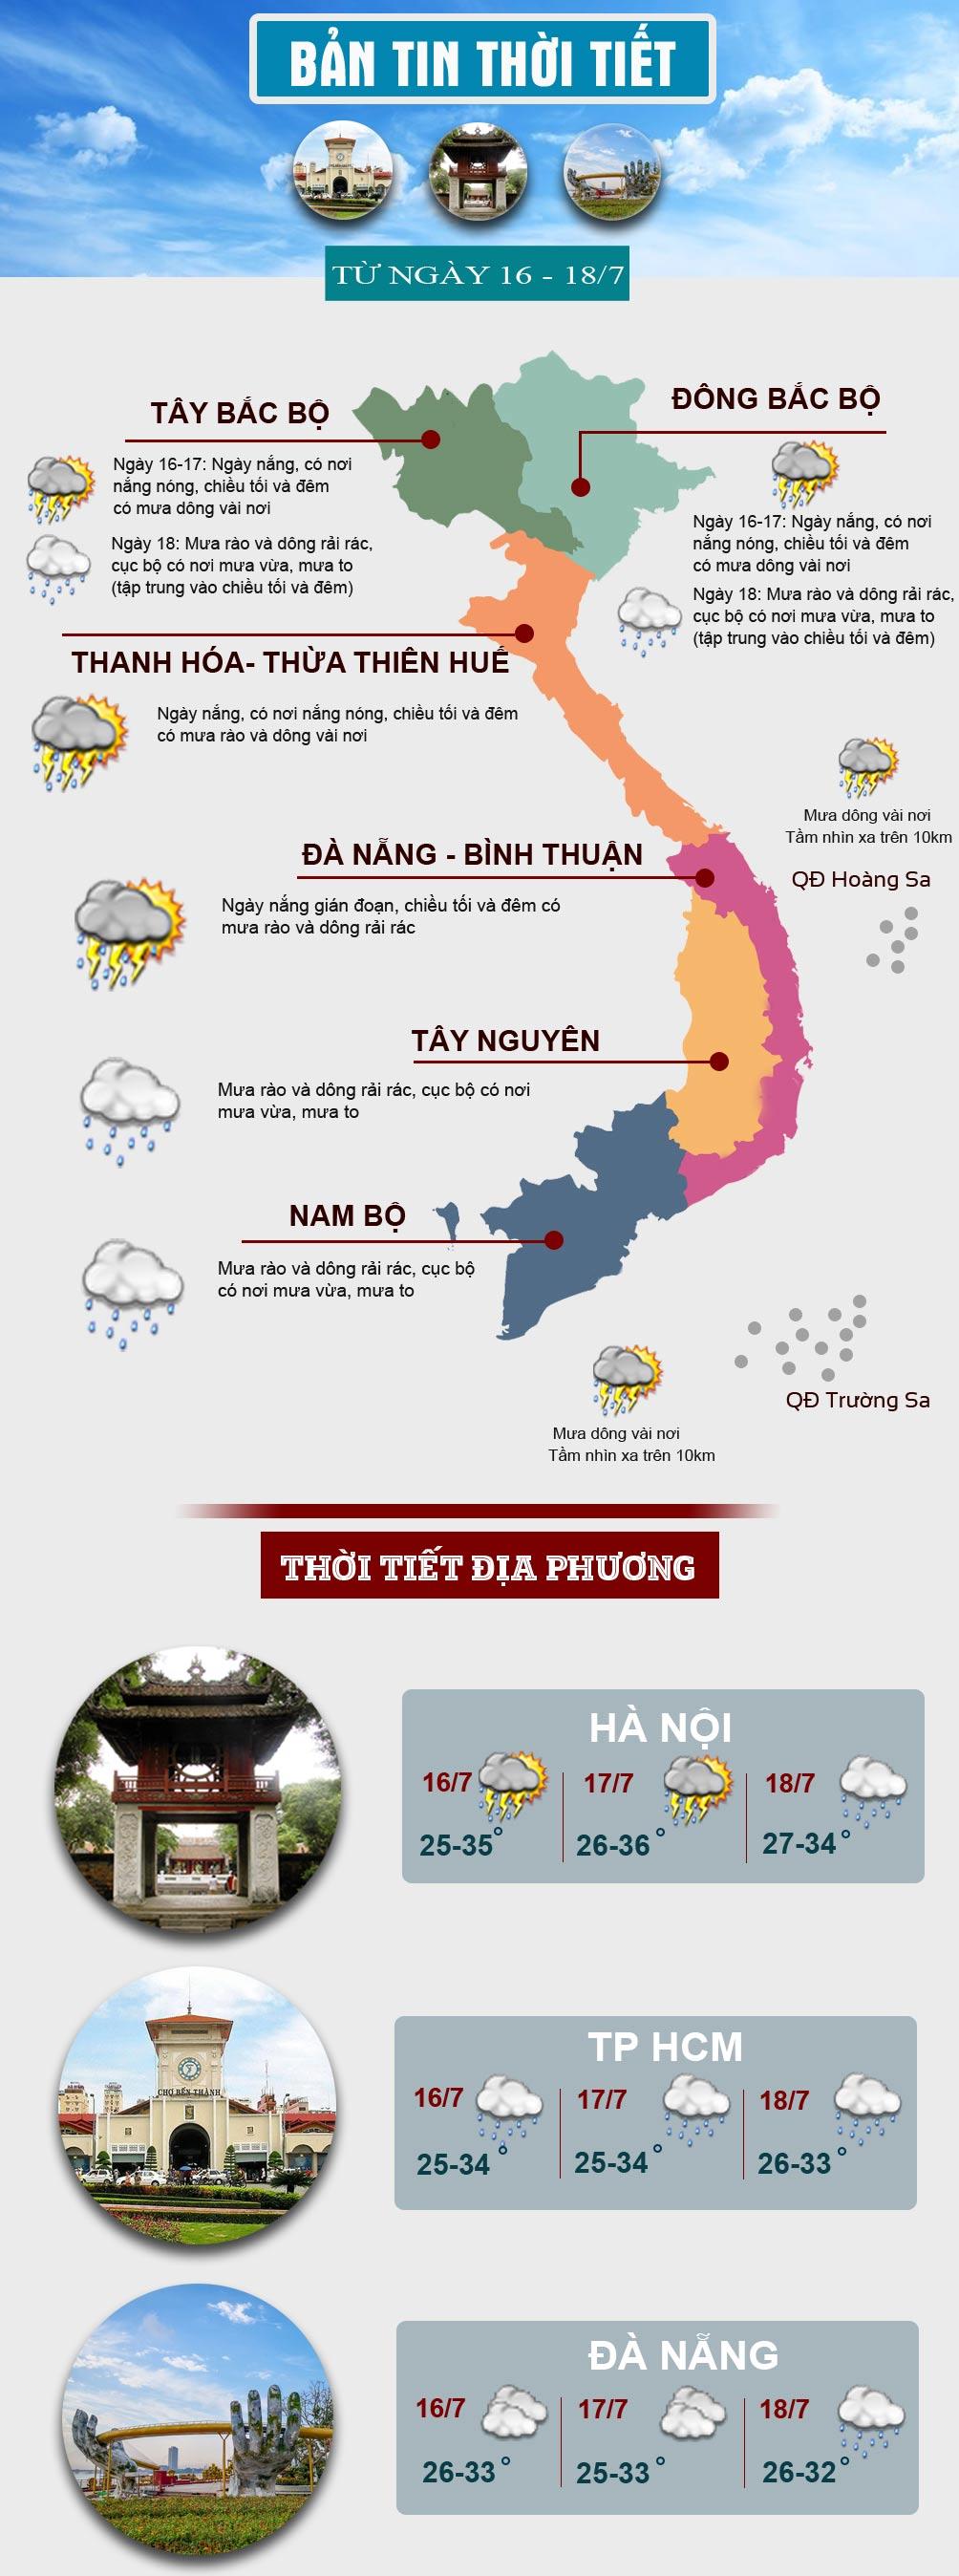 Thời tiết cuối tuần: Miền Bắc có nơi nắng nóng, miền Nam tiếp tục mưa lớn - 1